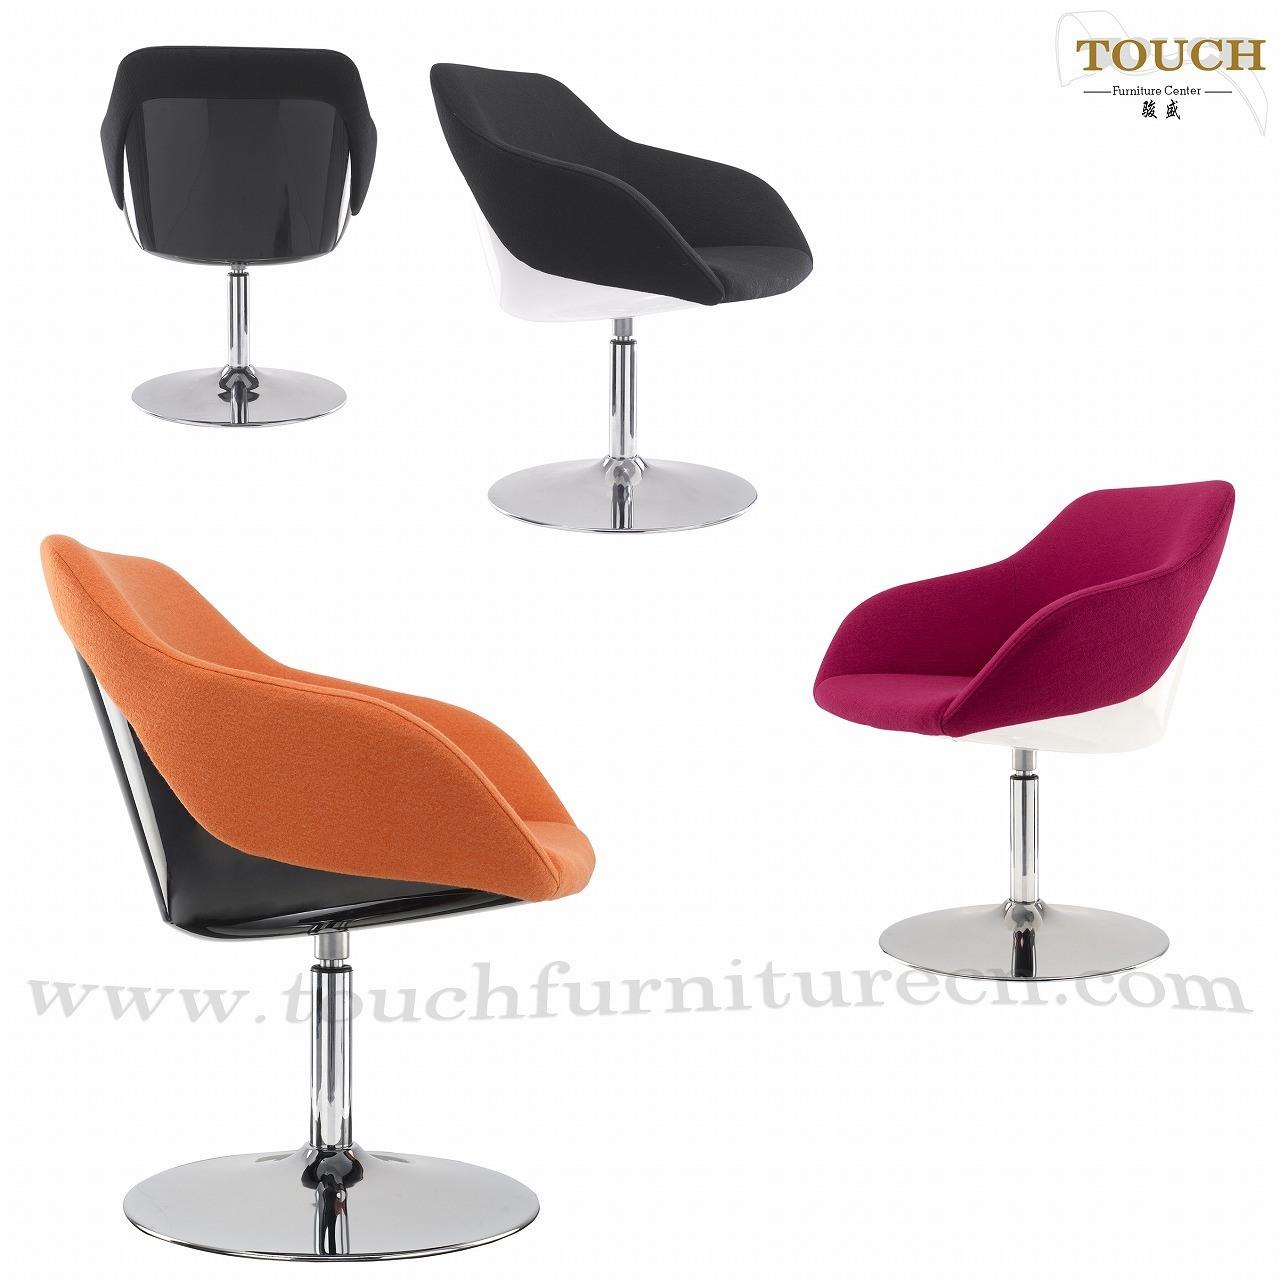 #474474 Pruzak.comCadeira Moderna Para Sala De Estar Idéias interessantes para o design do quarto 1280x1280 píxeis em Cadeira De Sala De Estar Moderna